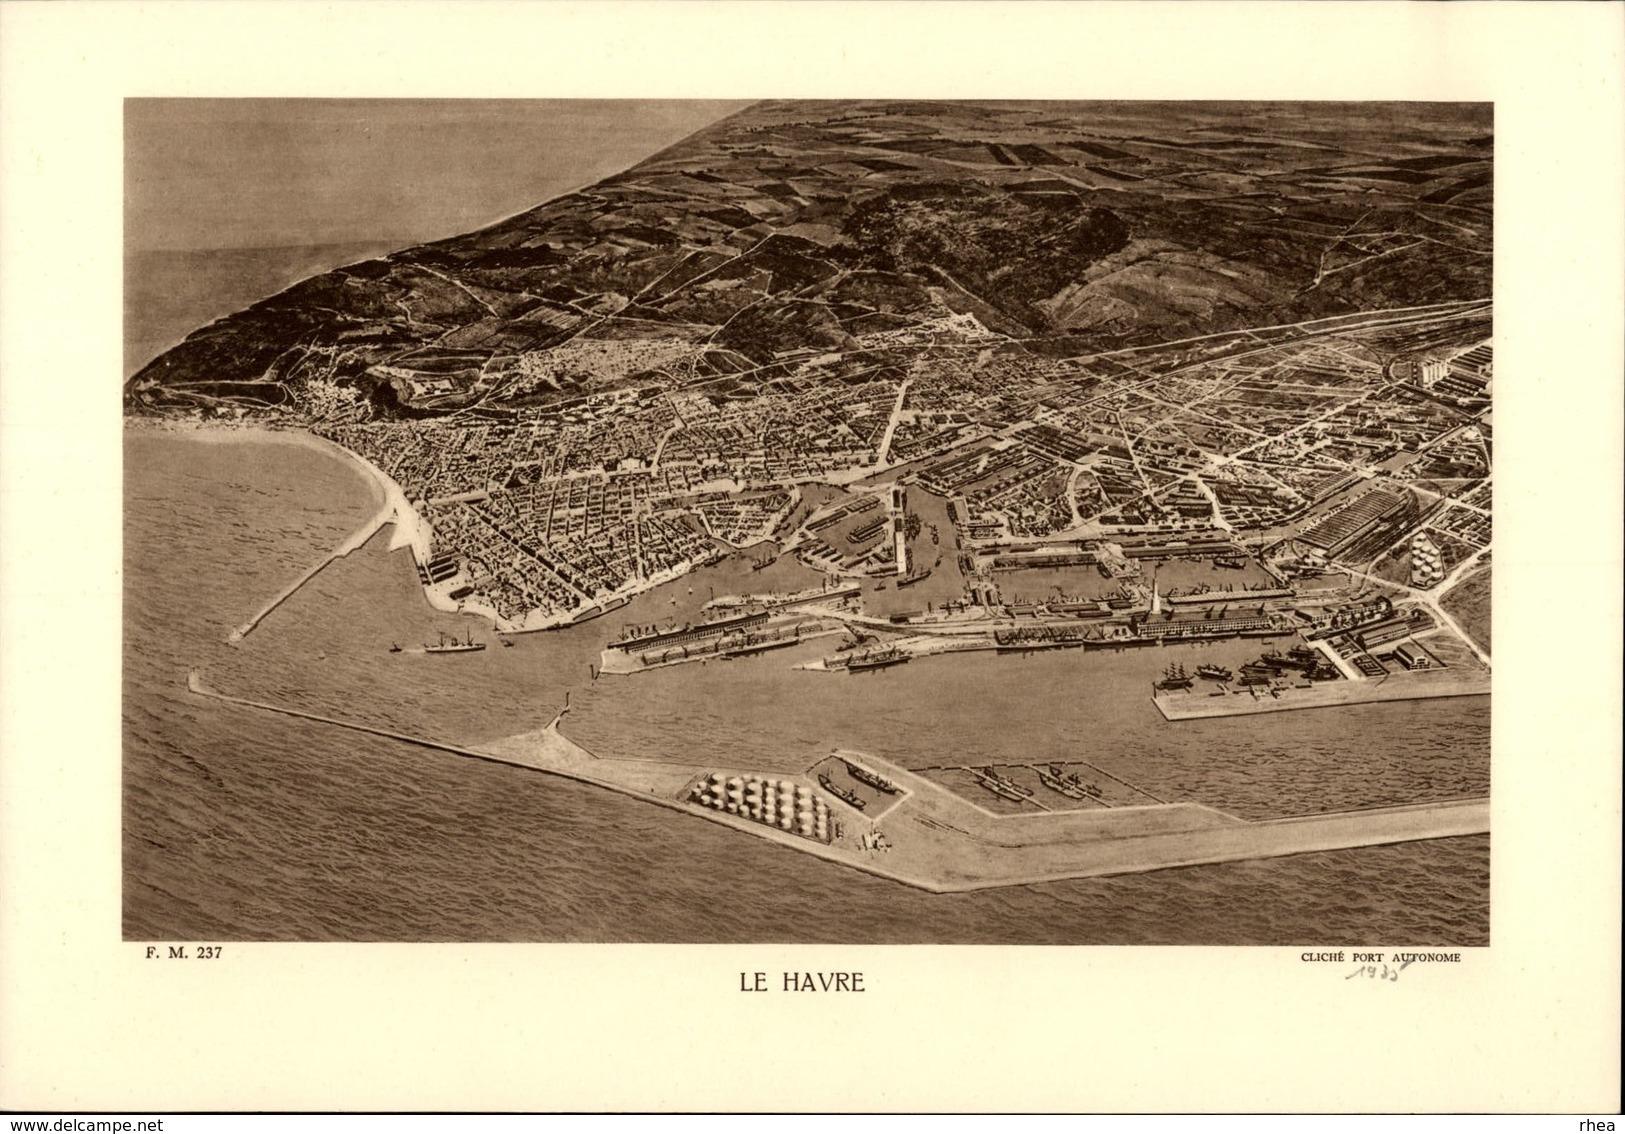 76 - LE HAVRE - Planche Sépia - Cliché Port Autonome 1935 - France